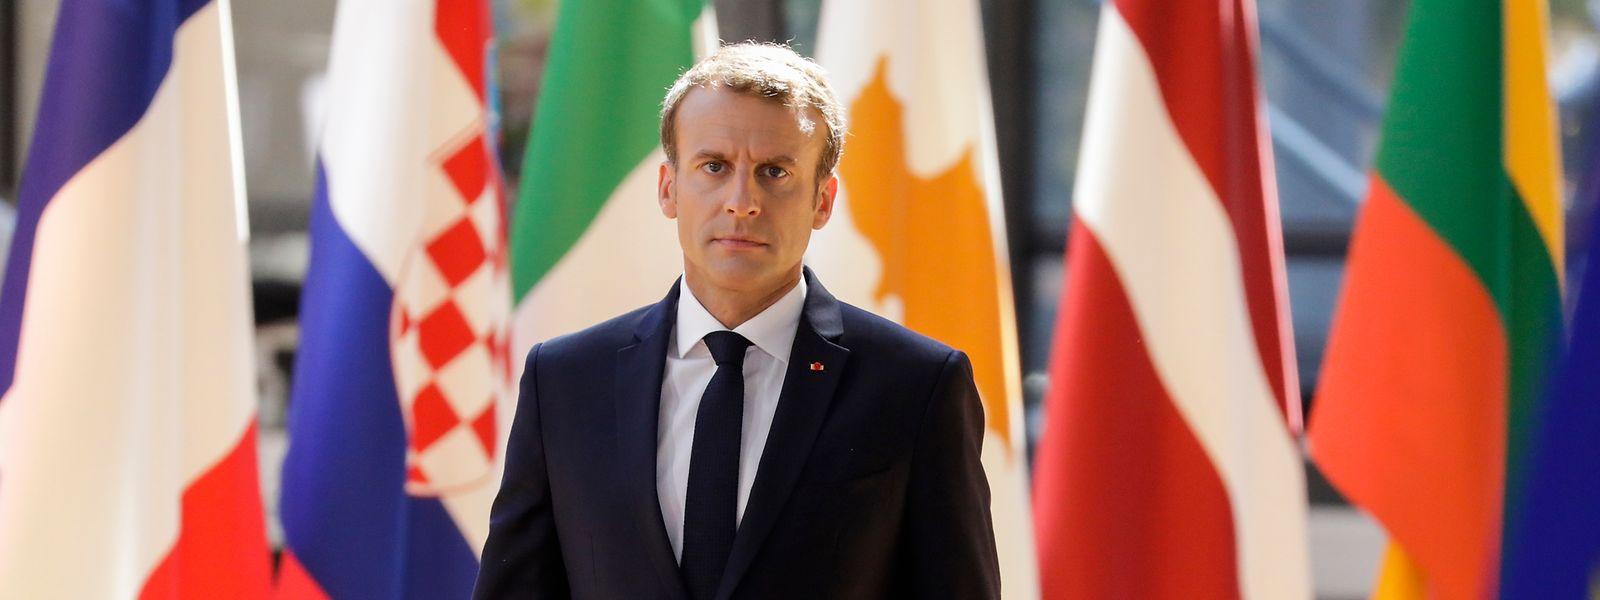 Die EU-Staaten haben sich bei ihrem Gipfel in Brüssel darauf geeinigt, in der EU geschlossene Aufnahmelager für gerettete Bootsflüchtlinge einzurichten.